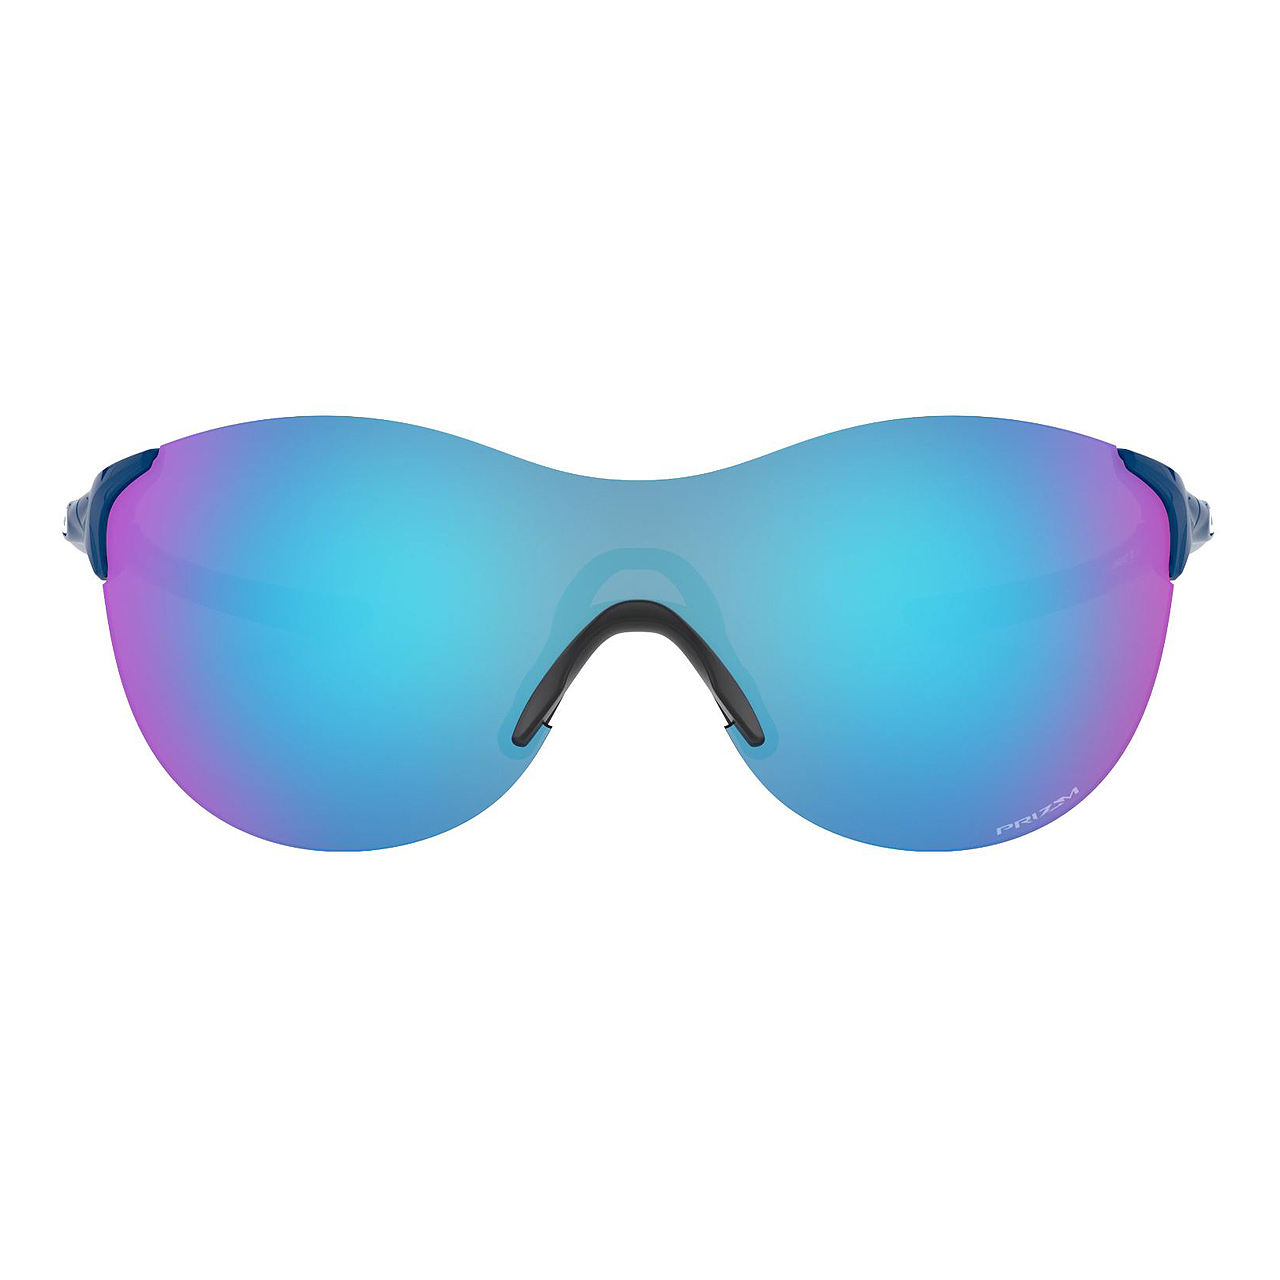 عینک آفتابی اوکلی مدل EVZero Ascend Poseidon کد OO9453-0437 -  - 2